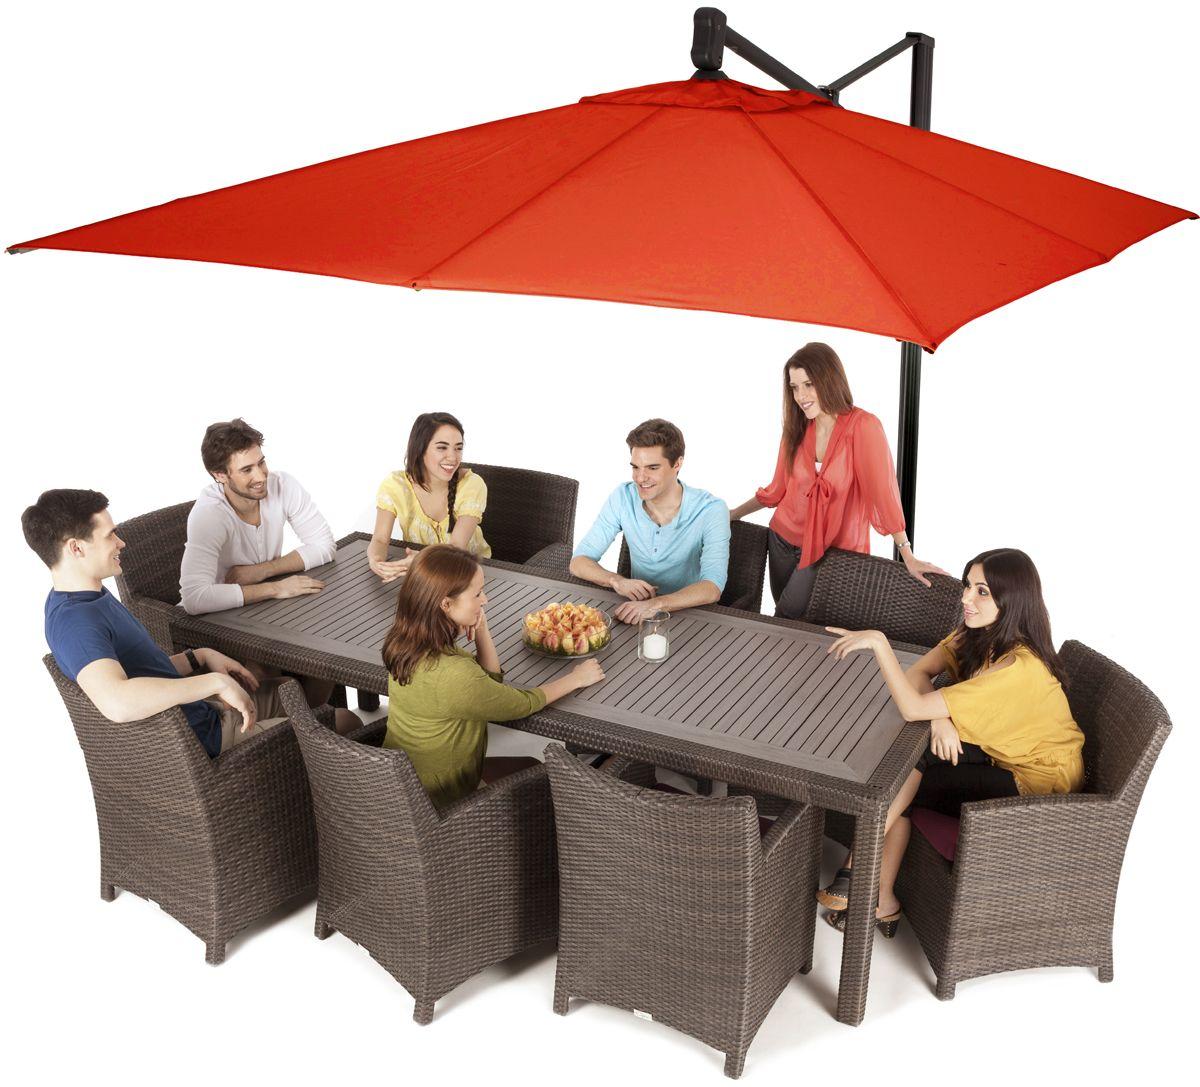 meubles de jardin ogni et parasols de patio en vente dans les magasins palason de montreal